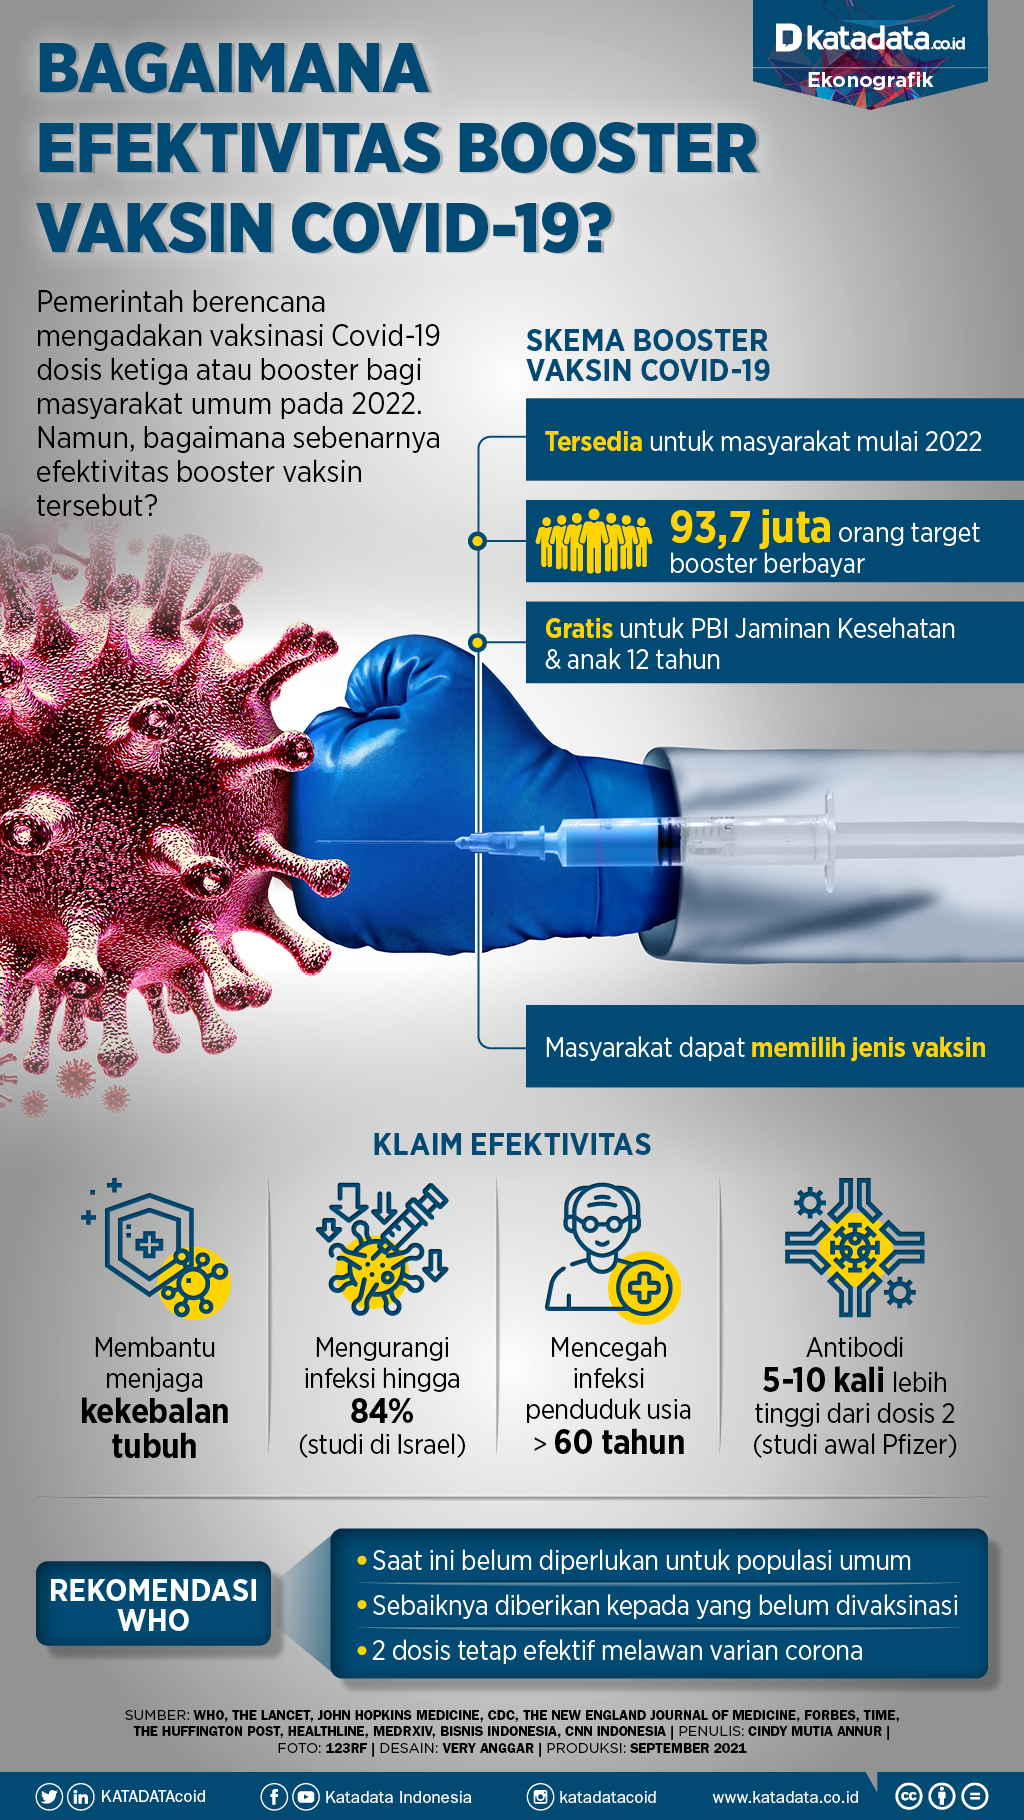 Infografik_Bagaimana efektivitas booster vaksin covid-19